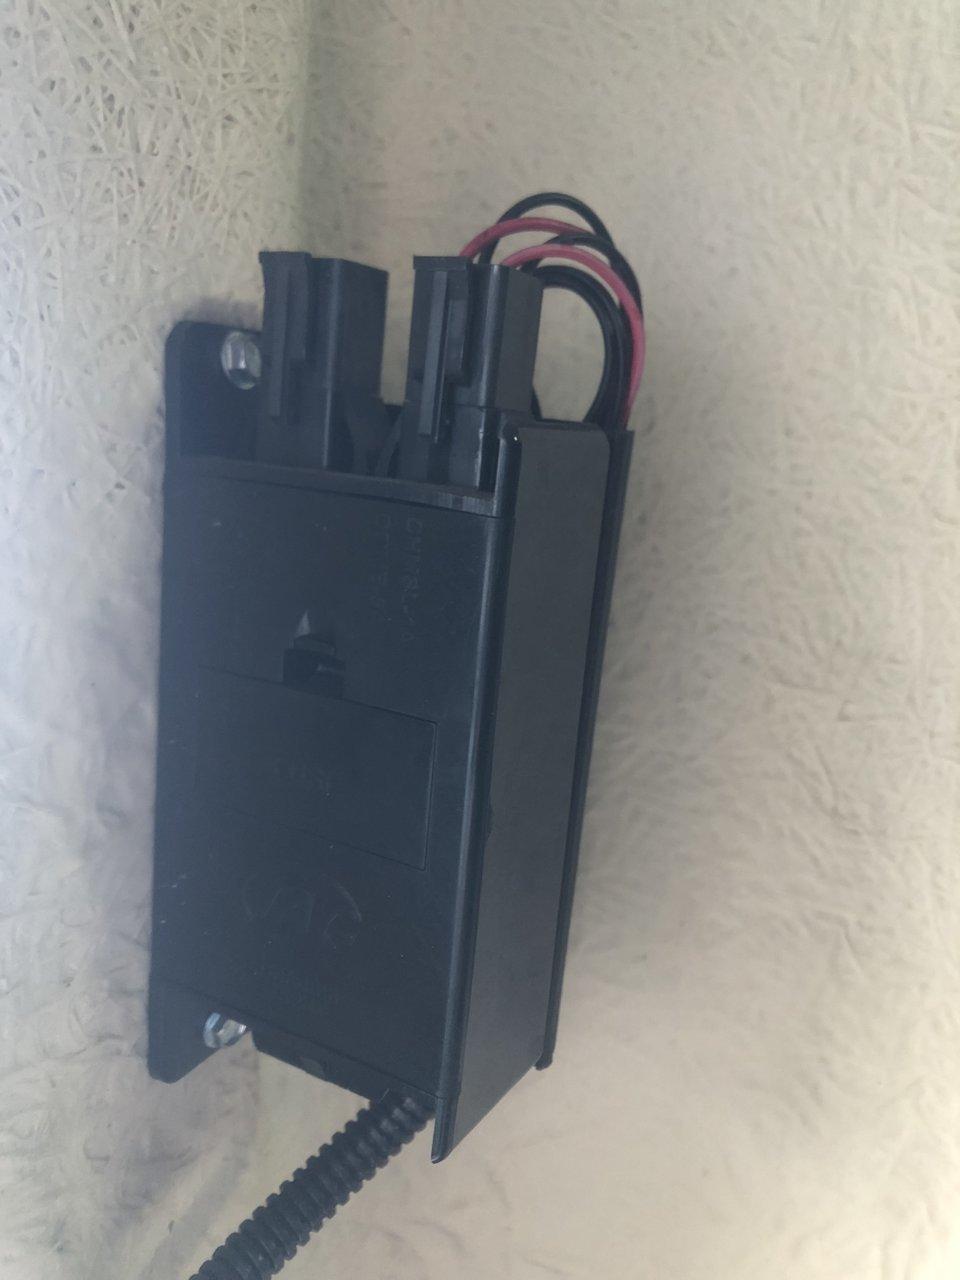 Truck Cap Topper Leer ARE CENTURY Smoke Lens Black Housing LED 3rd Third Brake Light lamp AT-LED-36R